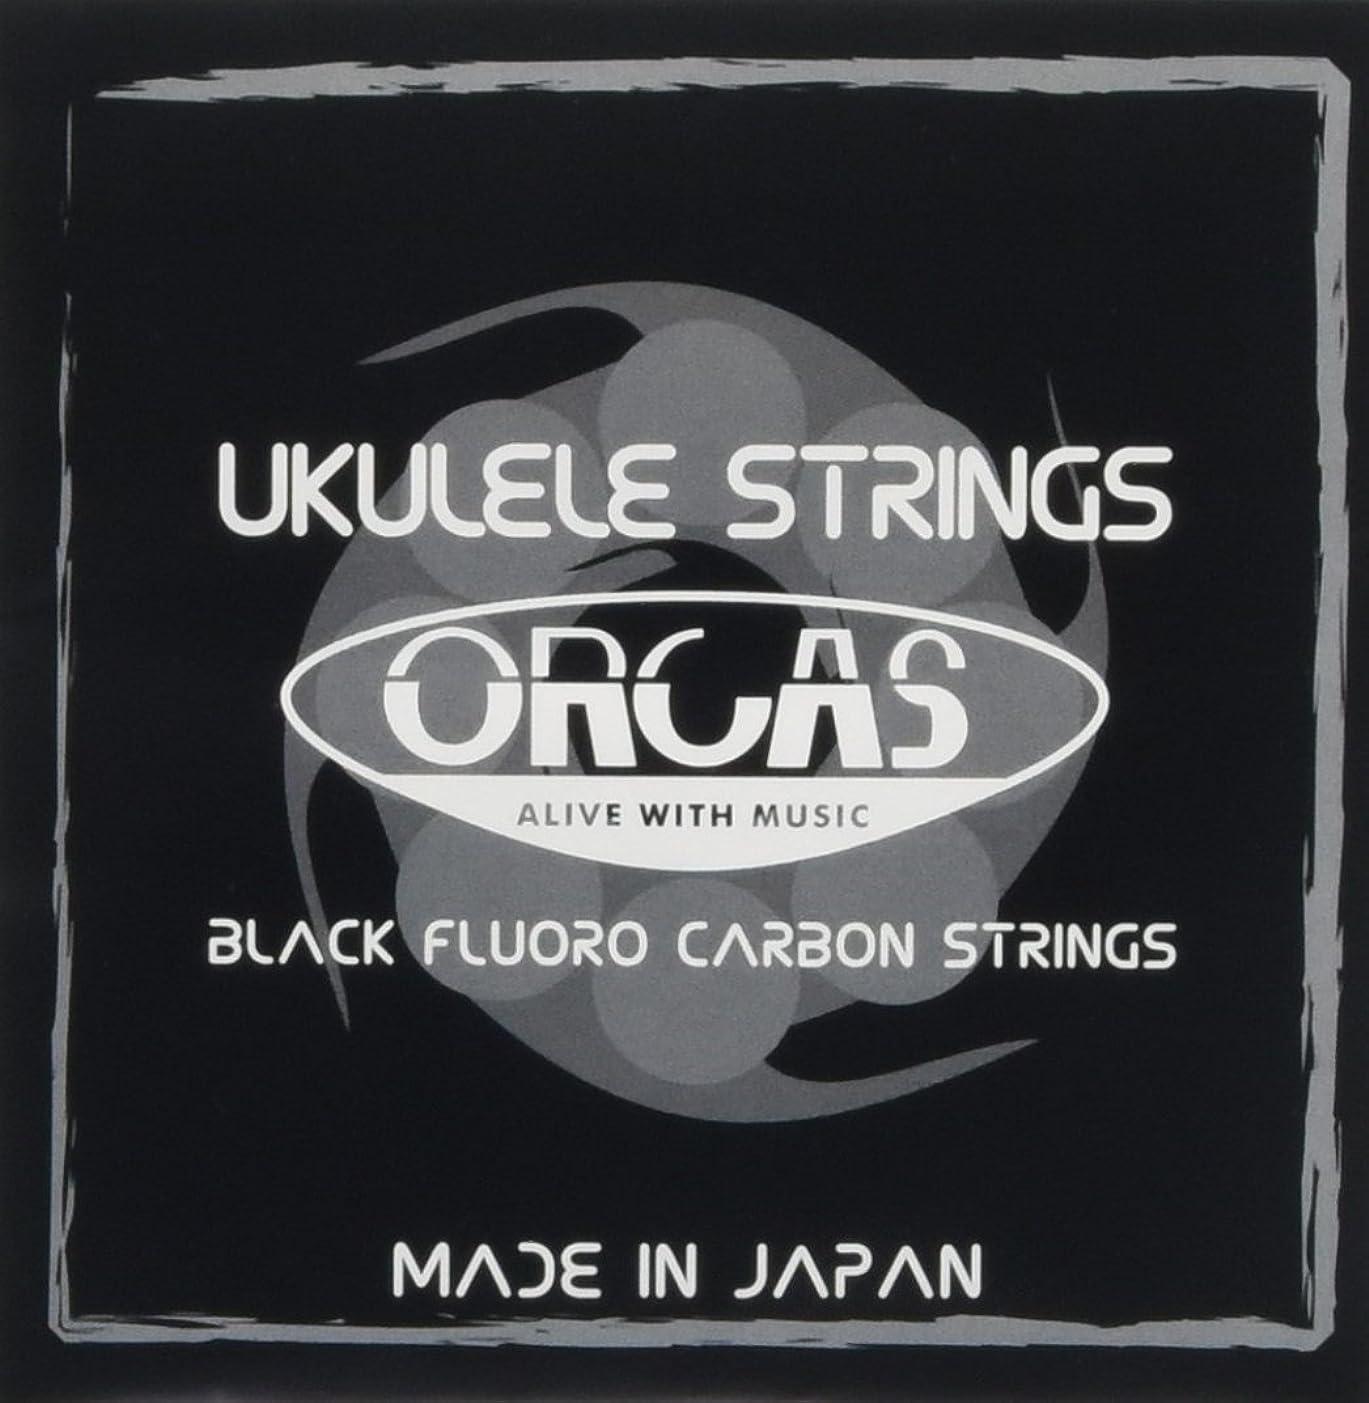 大型トラックスポーツマン世界記録のギネスブック【ORCAS】 ウクレレ弦 セット OS-TEN (テナー用)